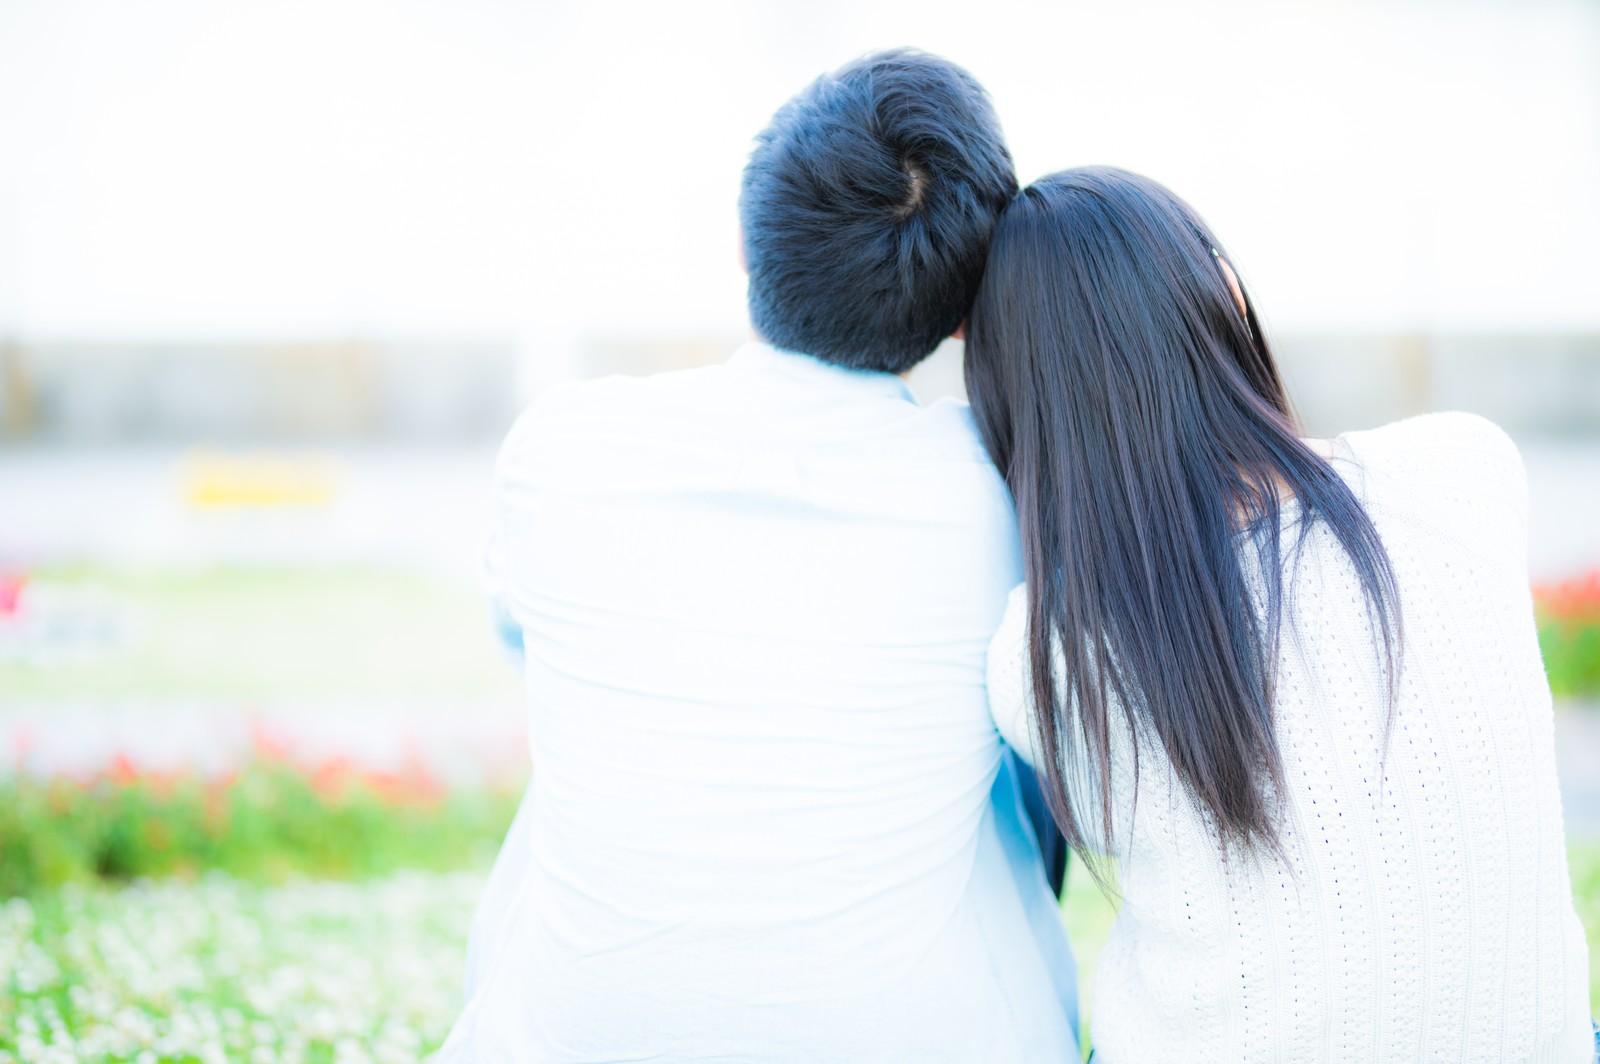 【男性限定】「良い人」で終わらせない!真面目な人が恋愛へ発展させるためのブラック恋愛術セミナー